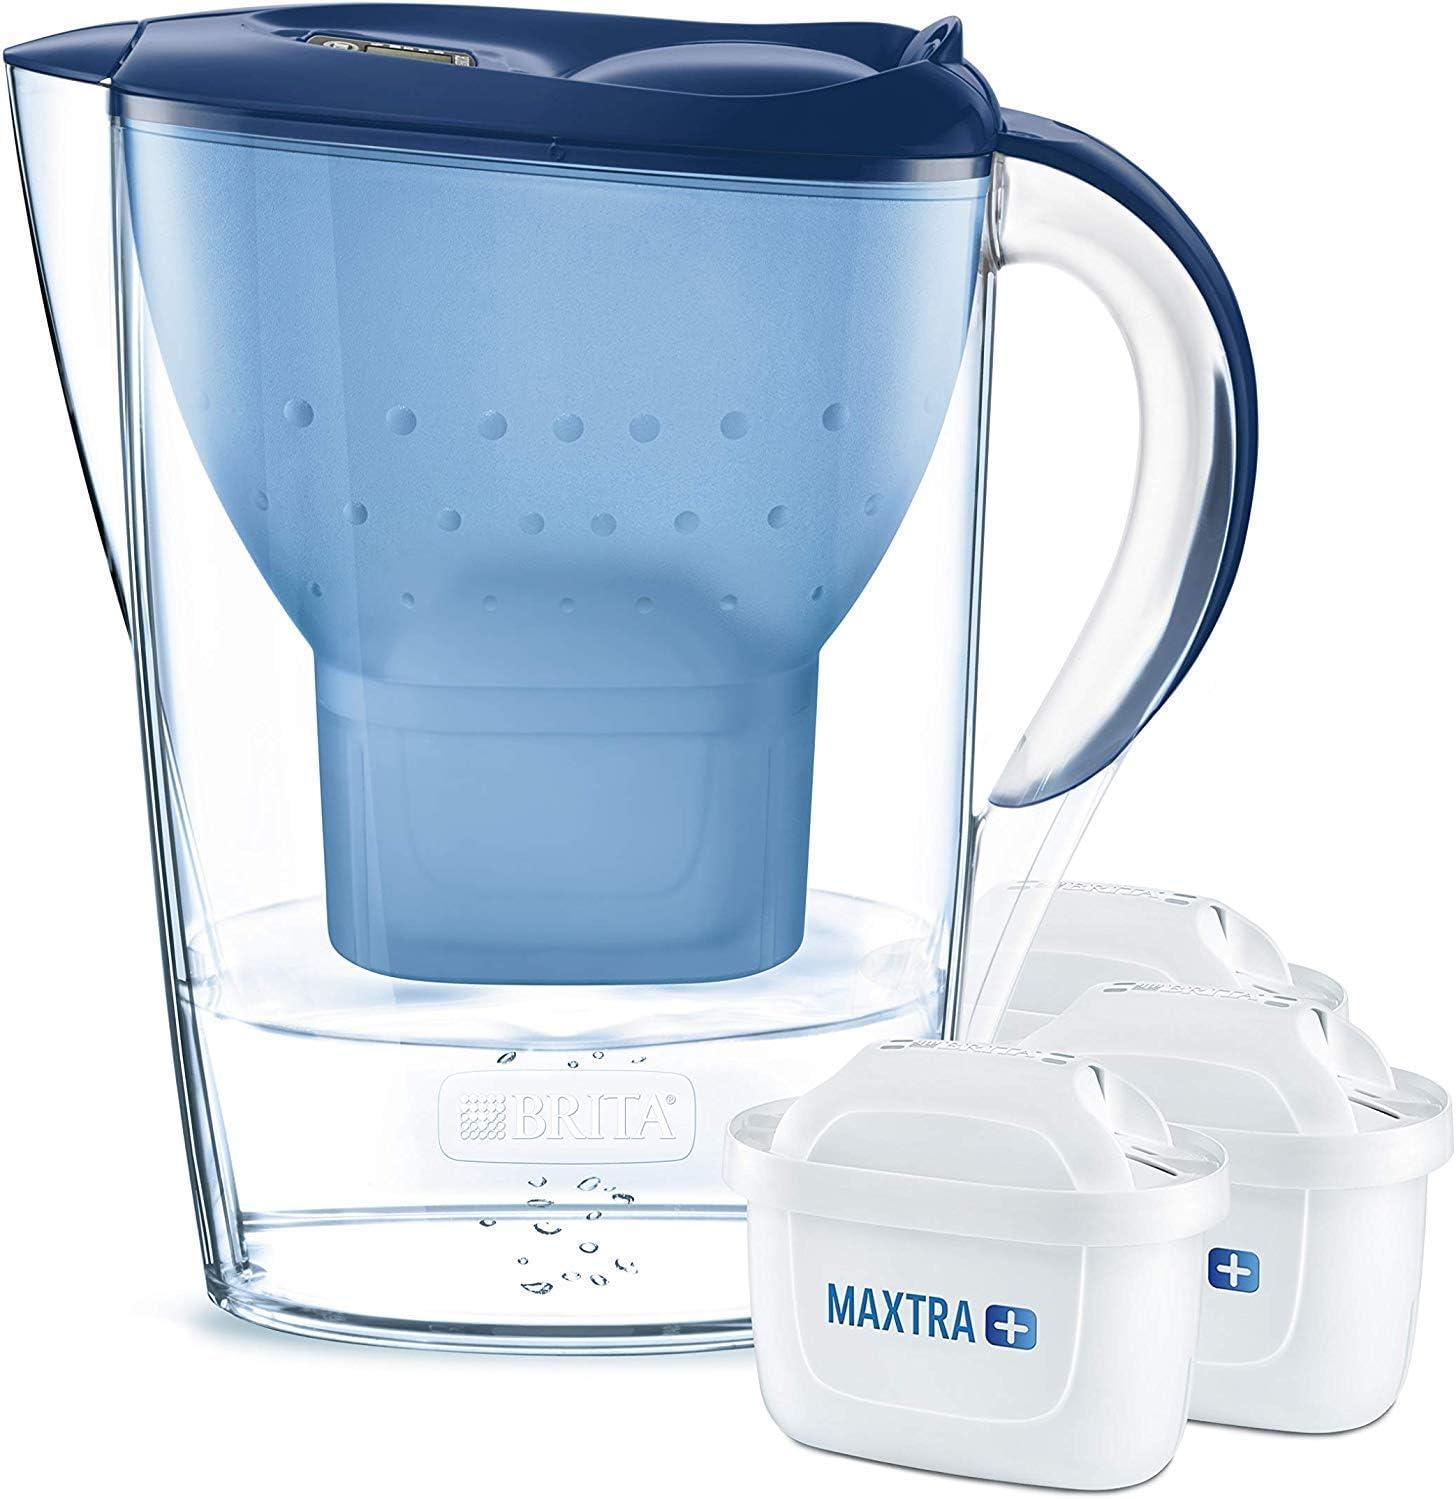 BRITA Marella – Jarra de Agua Filtrada con 3 cartuchos MAXTRA+ – Filtro de agua BRITA que reduce la cal y el cloro – Agua filtrada para un sabor excelente – Filtro